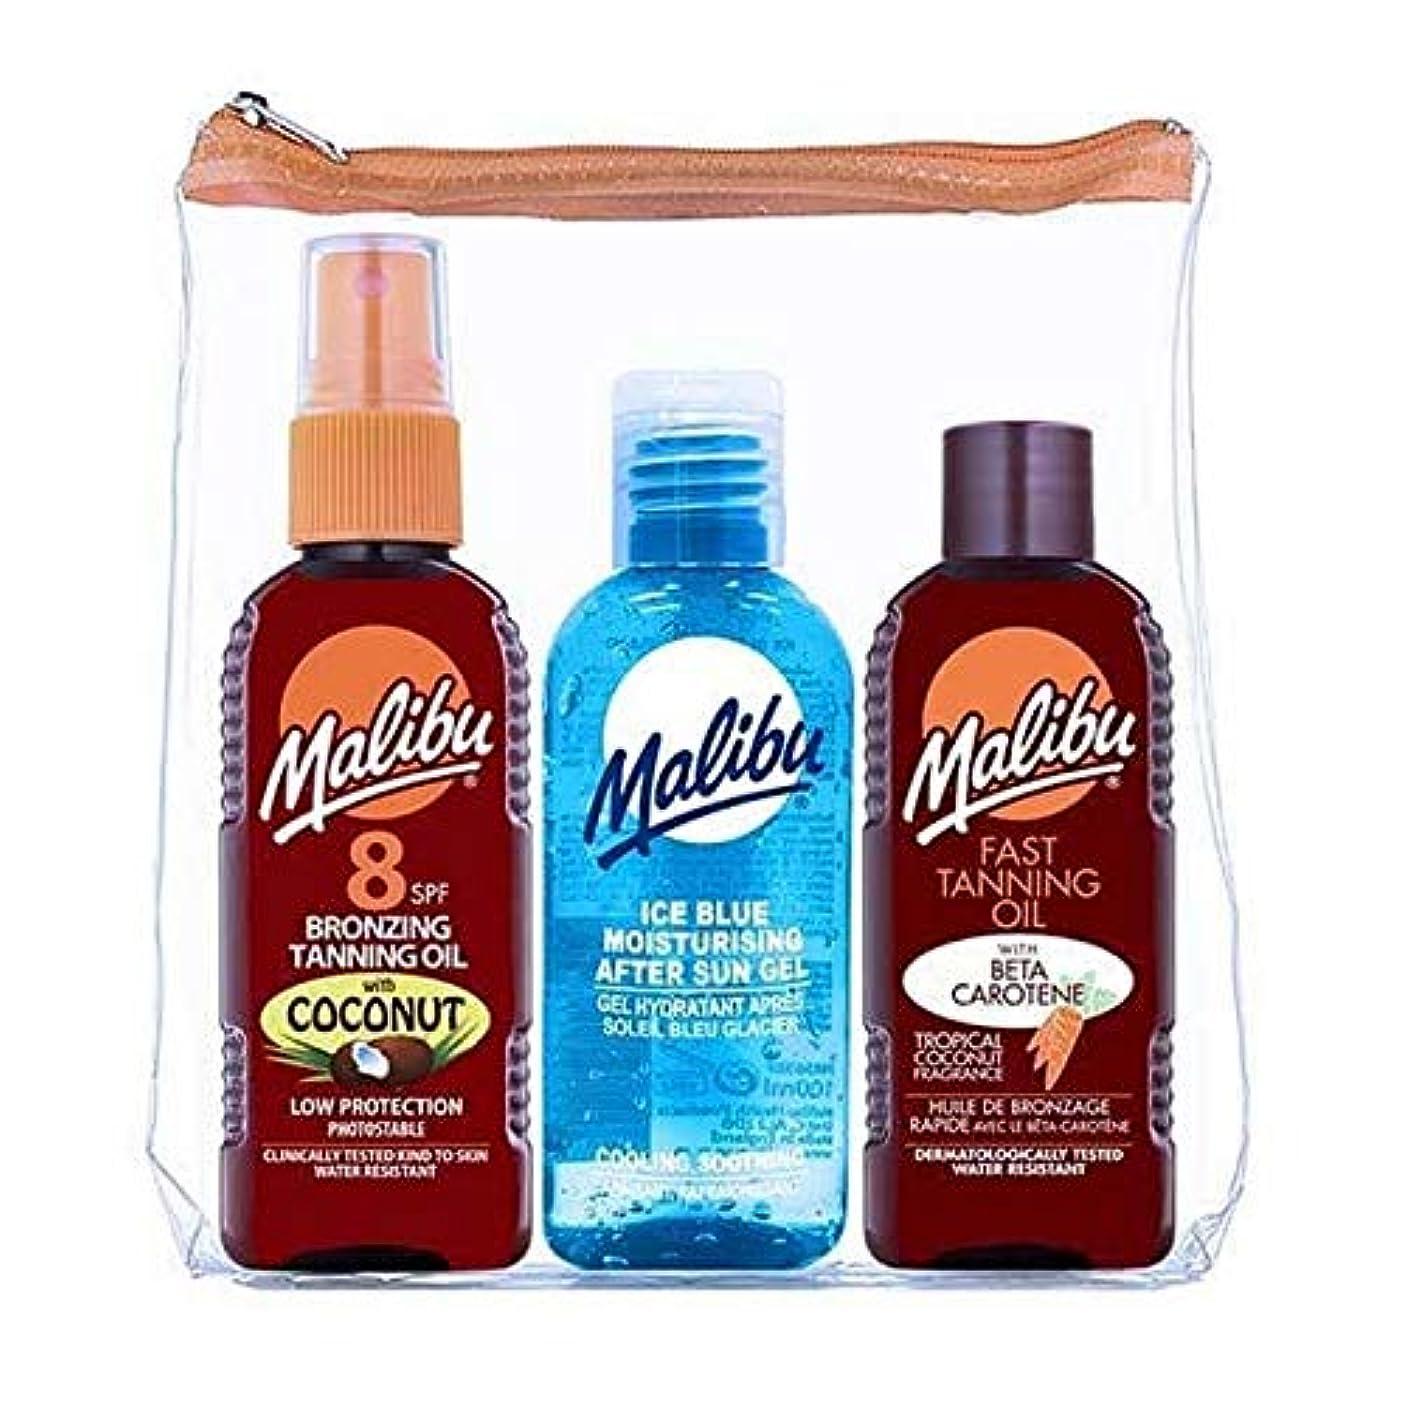 毛細血管削減スクラップ[Malibu ] マリブSpf8ココナッツ日焼けオイルのアイスブルー - Malibu SPF8 Coconut Tan Oil Ice Blue [並行輸入品]